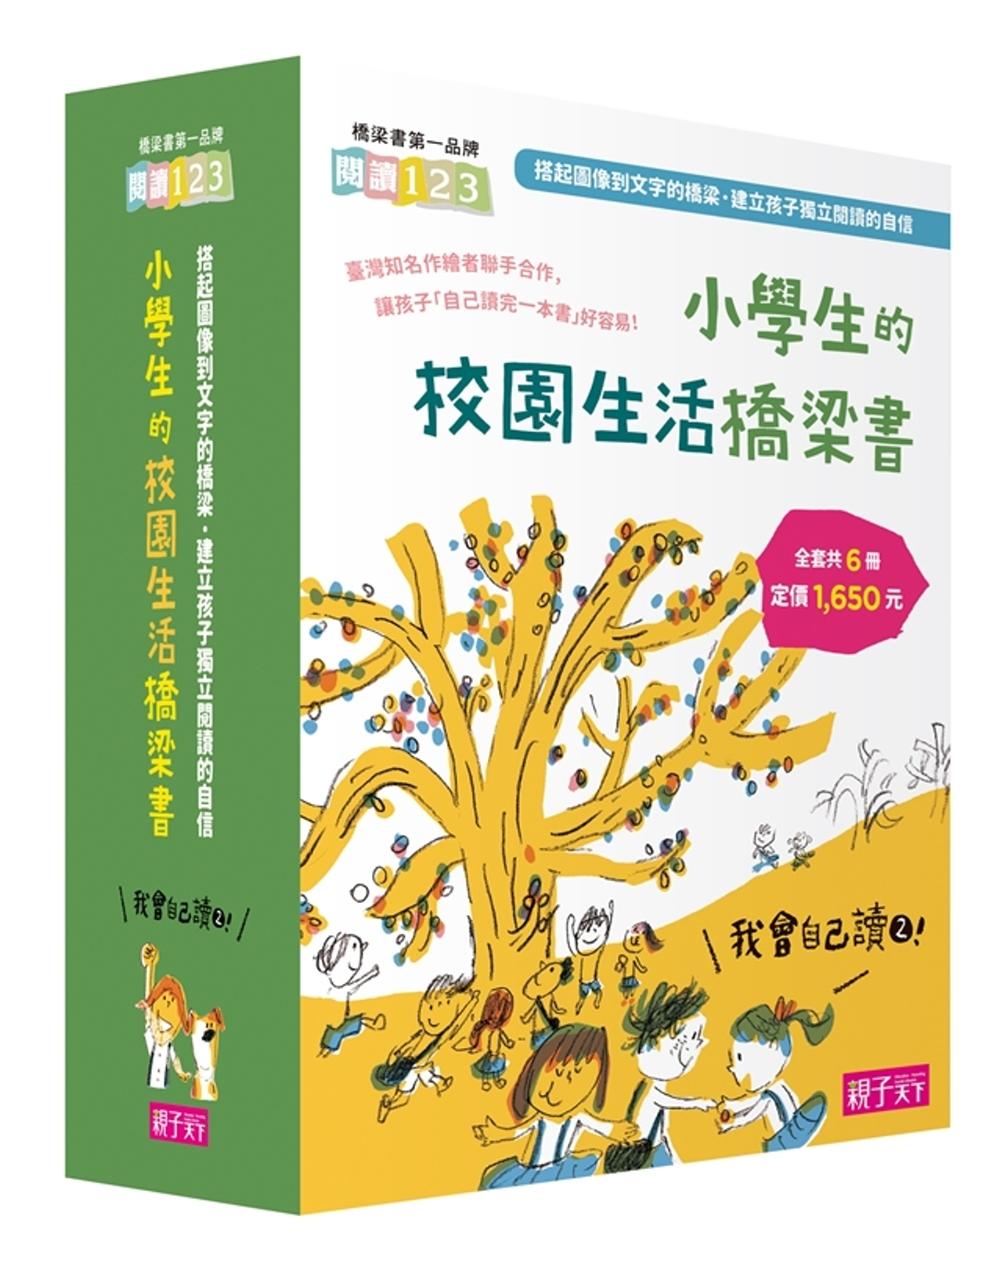 我會自己讀!2 小學生的「校園生活」橋梁書(共6冊)